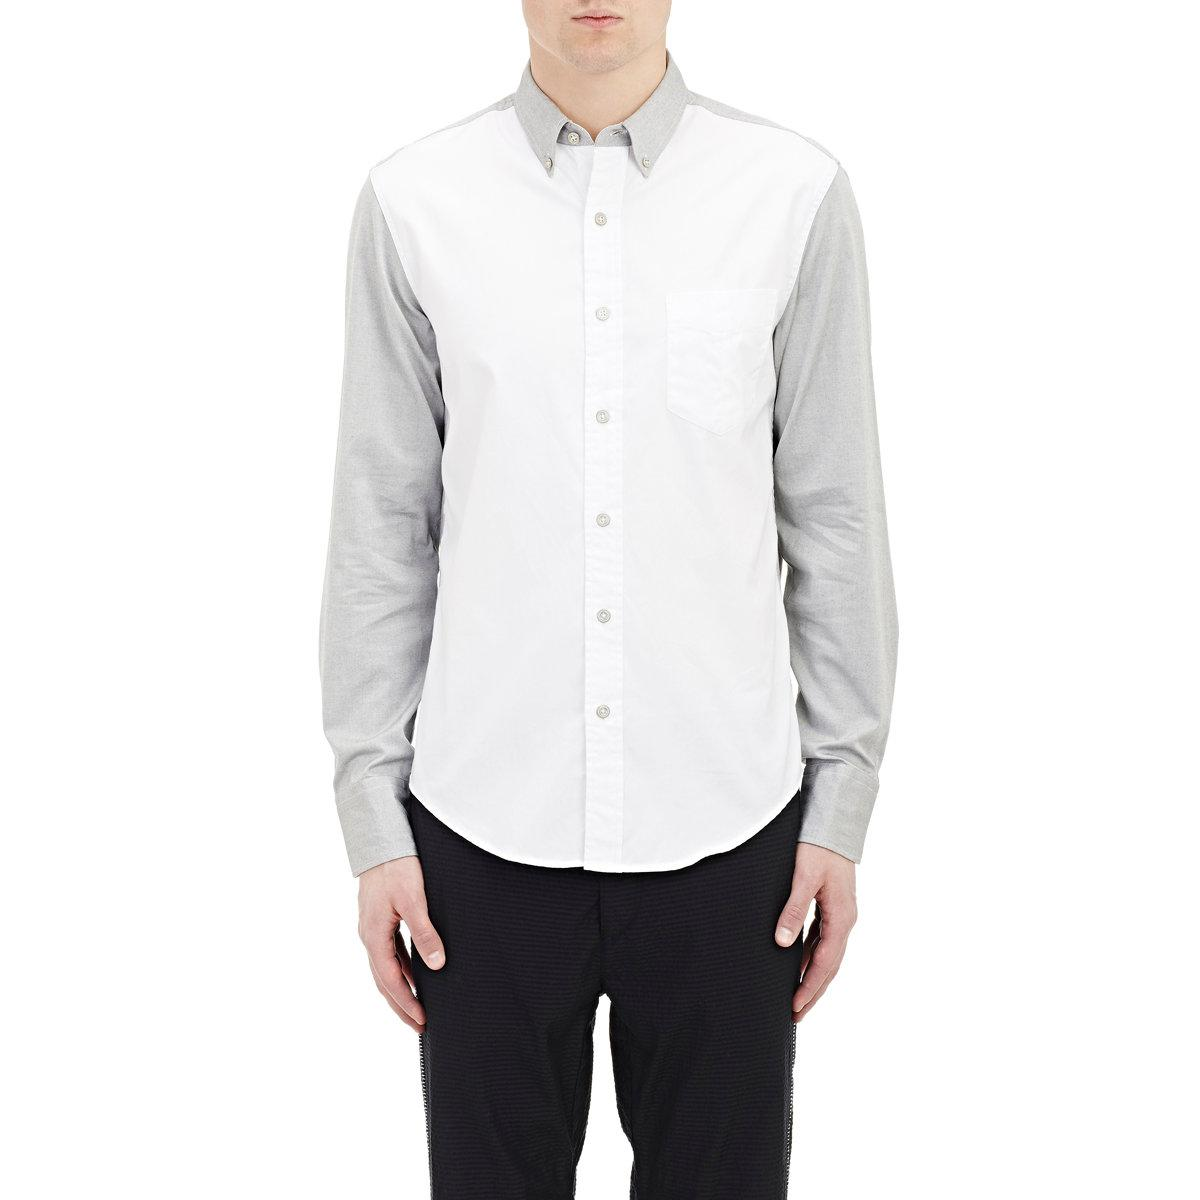 Rag bone yokohama shirt in white for men lyst for Rag bone shirt